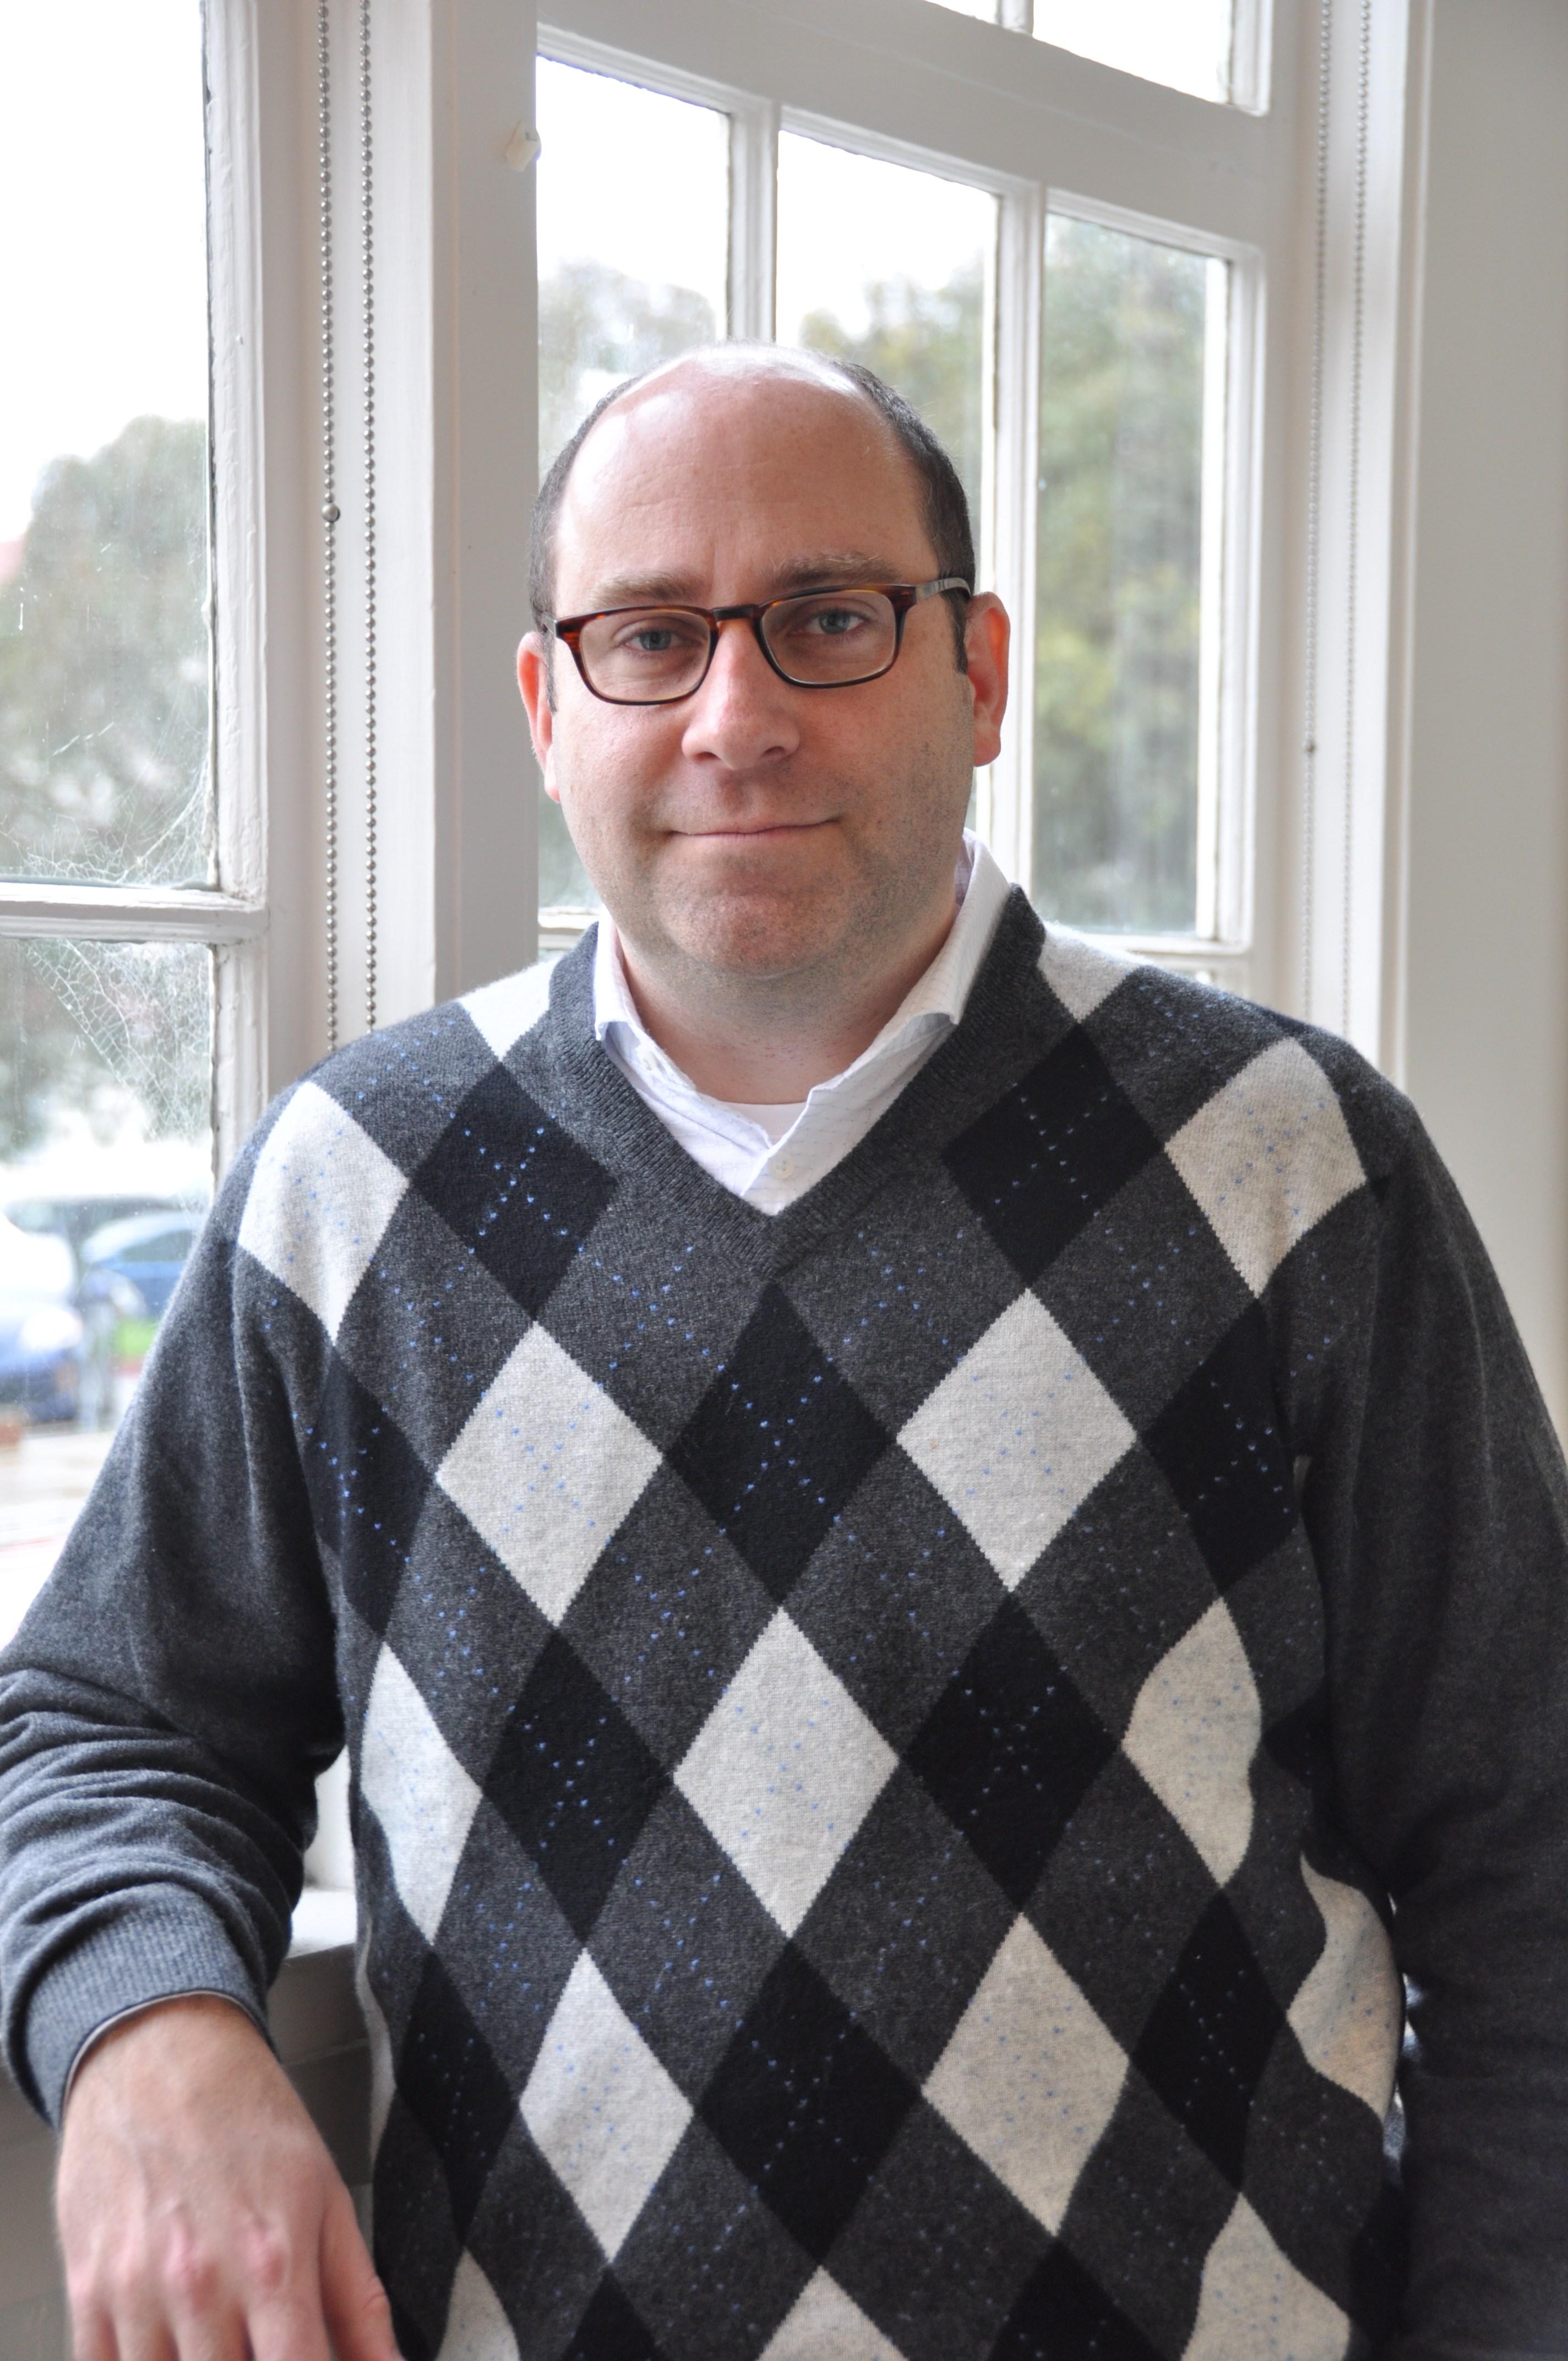 Head of School, Luke Felker